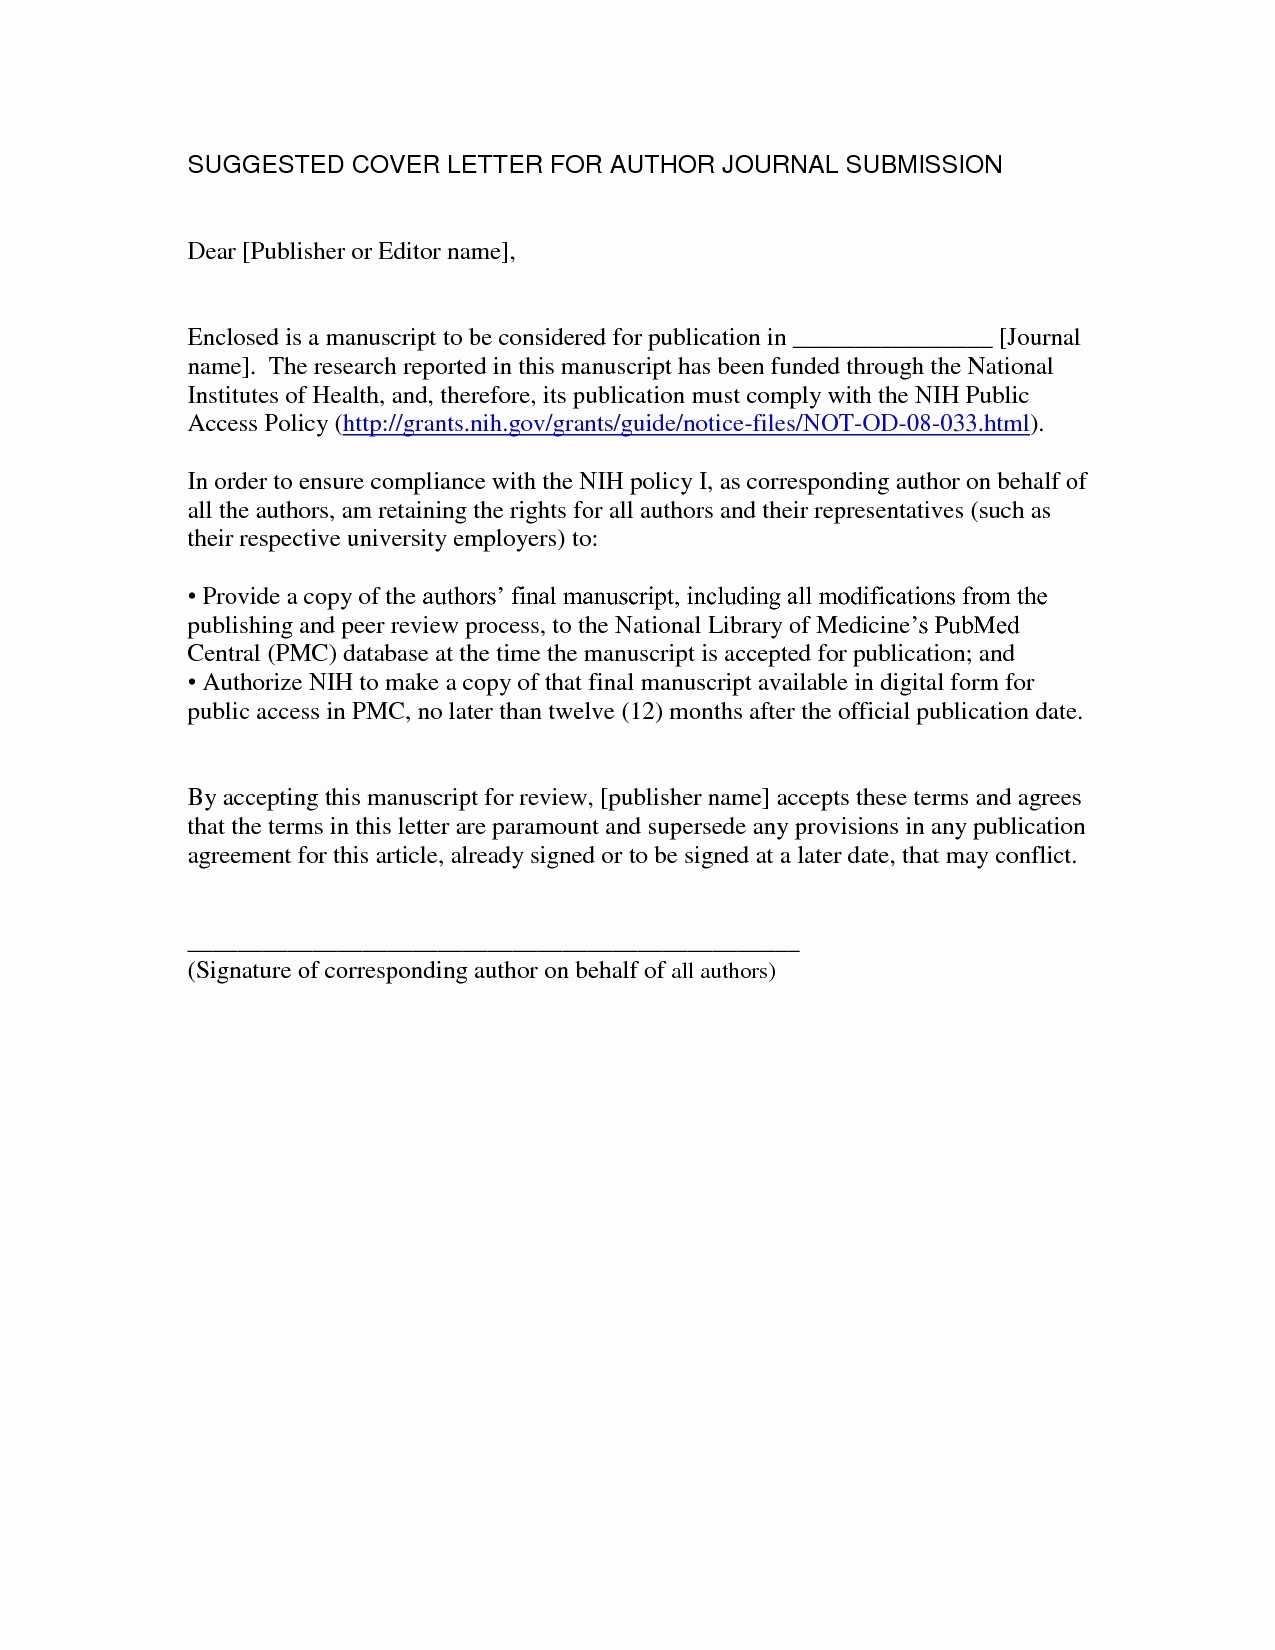 Child Custody Letter Template - Lovely Sample Child Custody Agreement